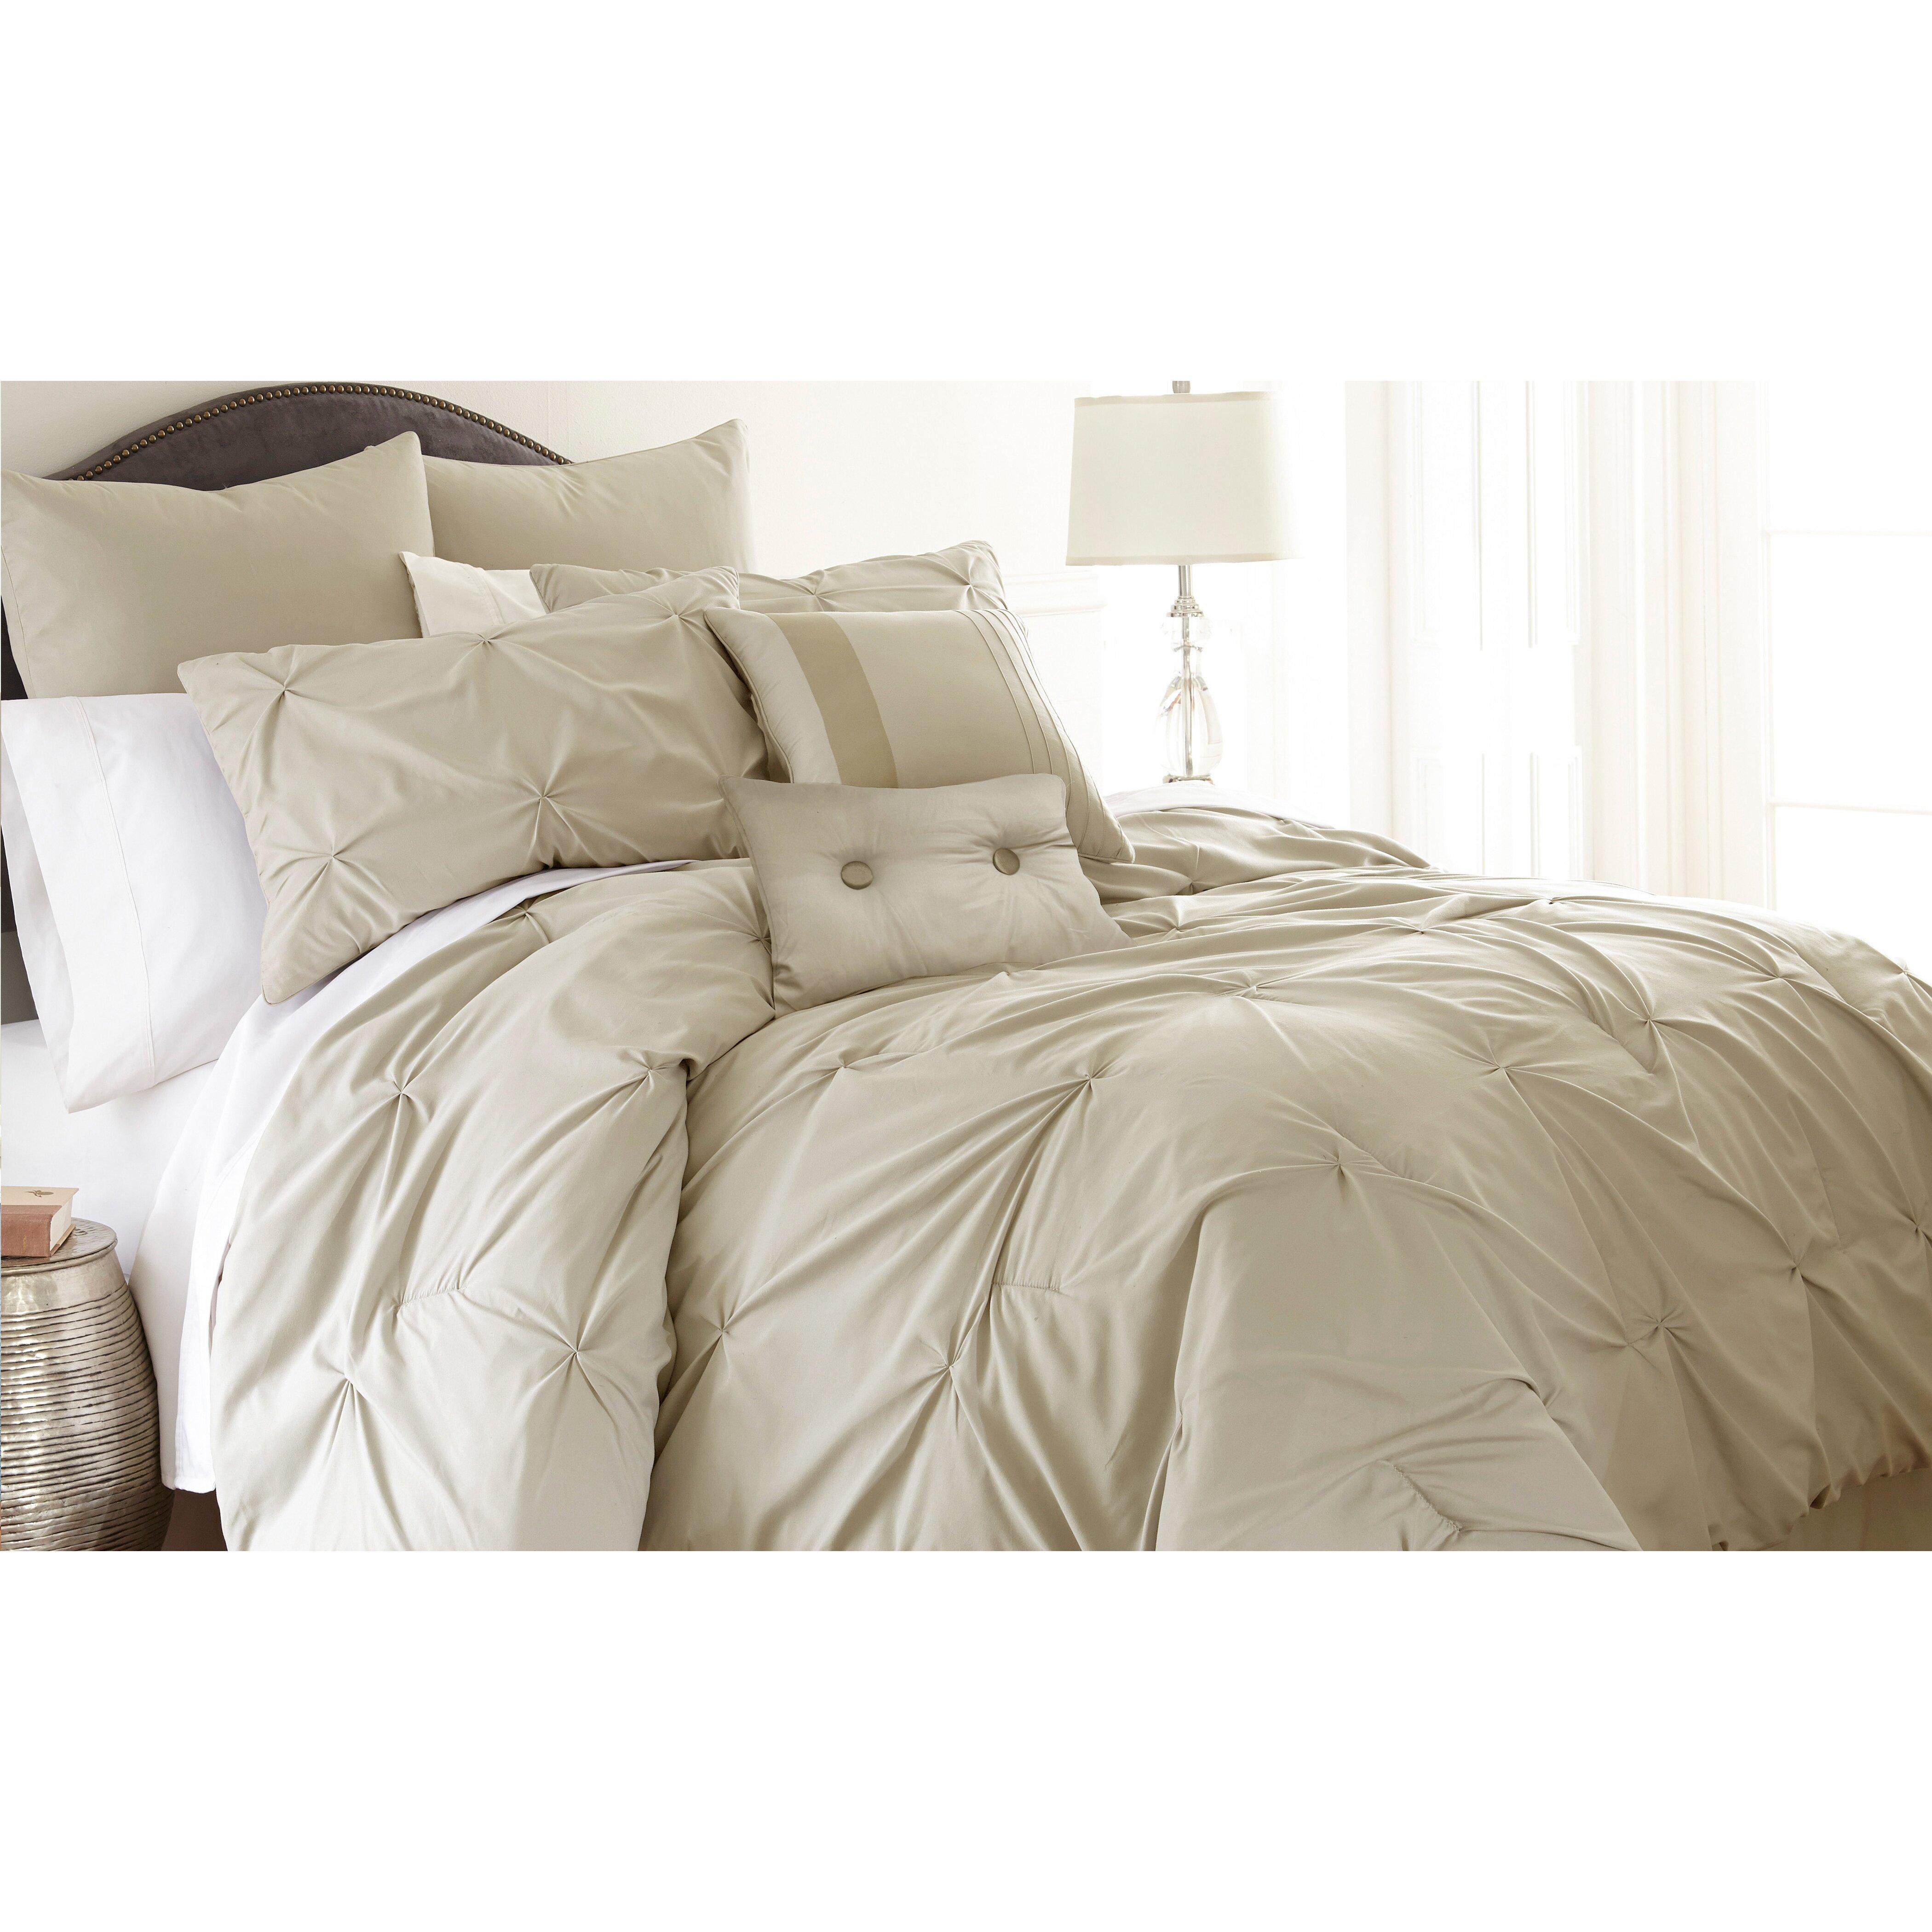 Lark Manor Louis 8 Piece Comforter Set Amp Reviews Wayfair